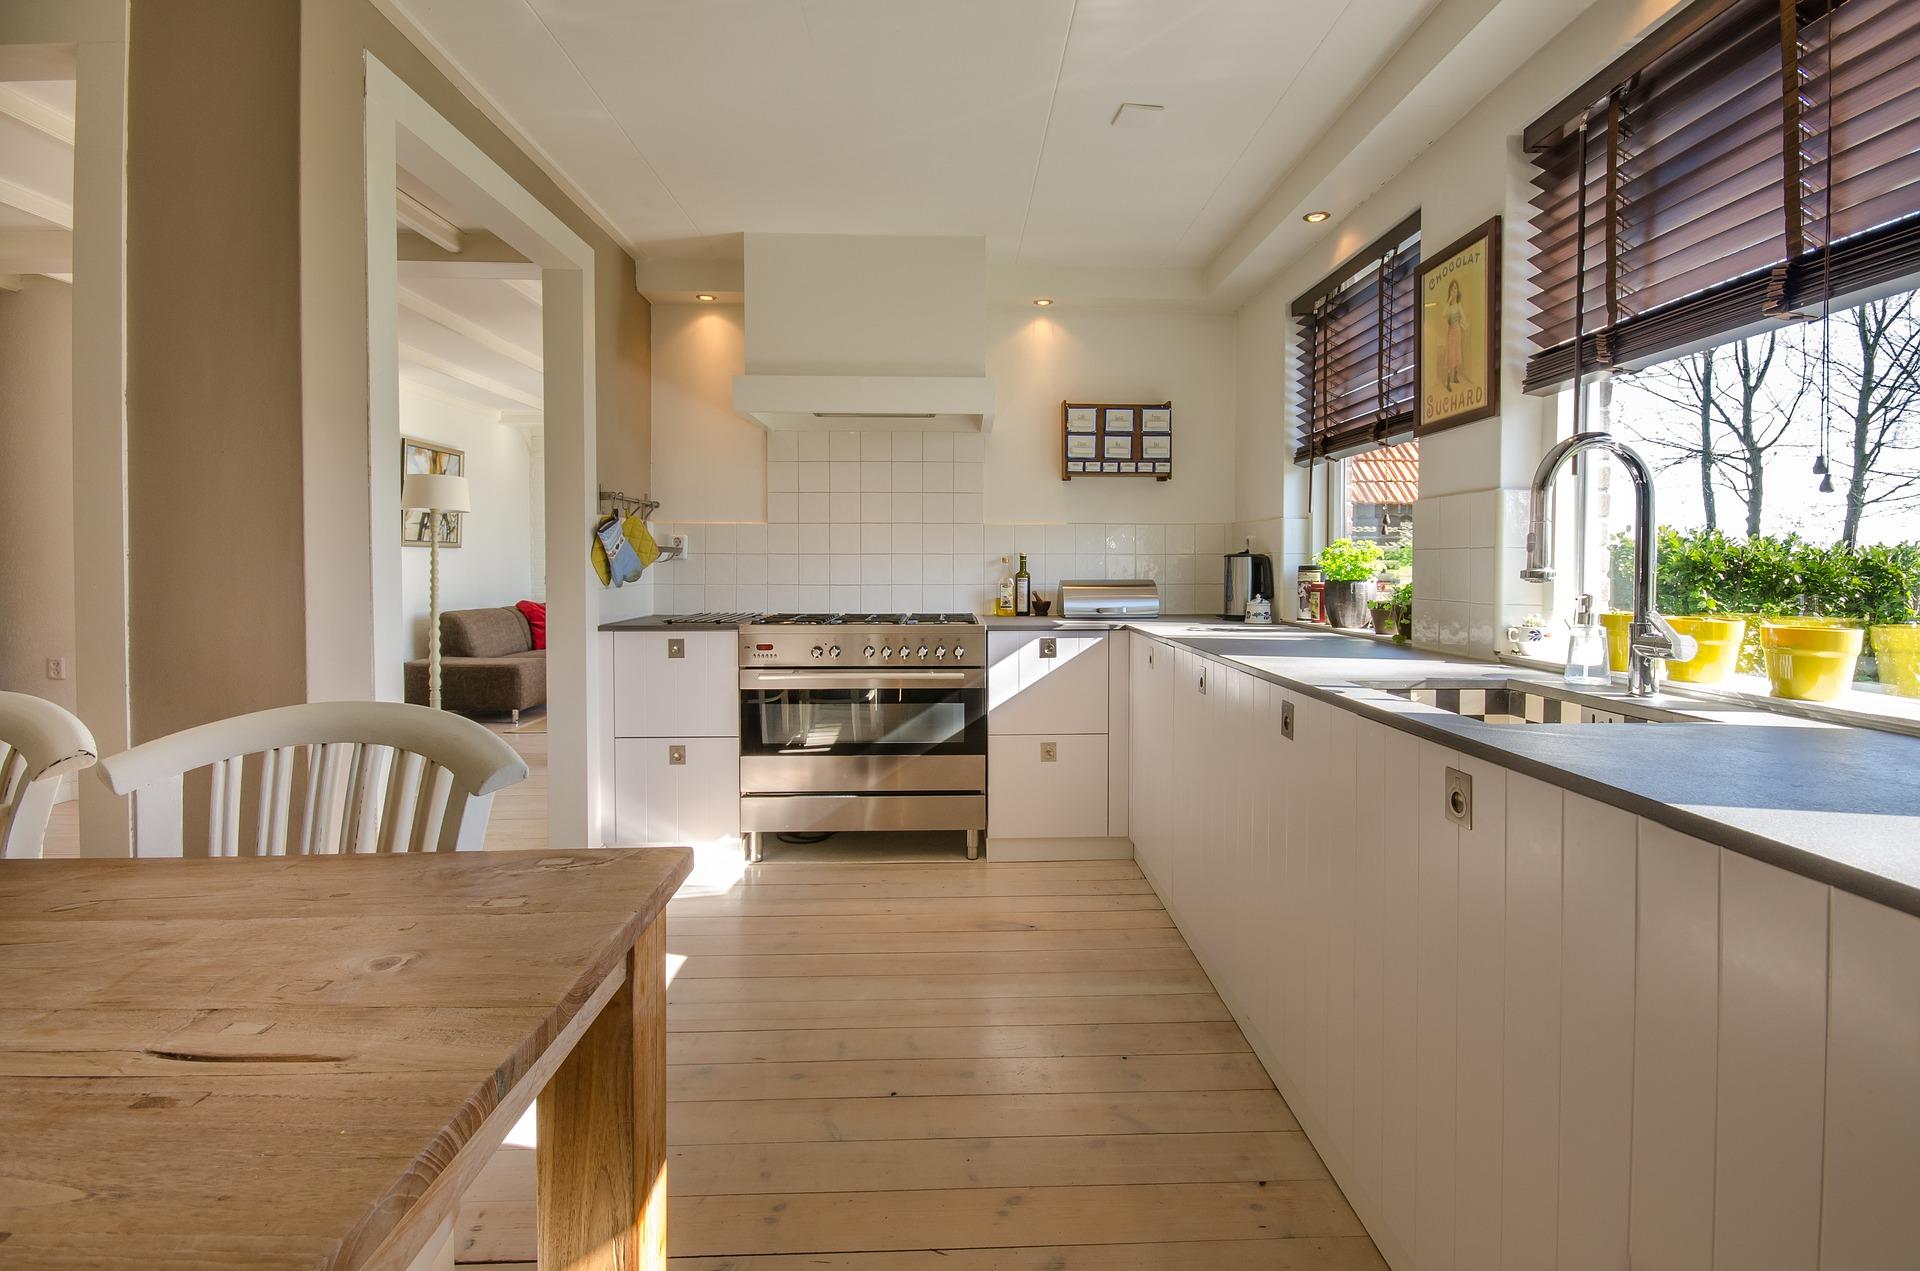 Бизнес план продаж кухонь идея для бизнеса 2011